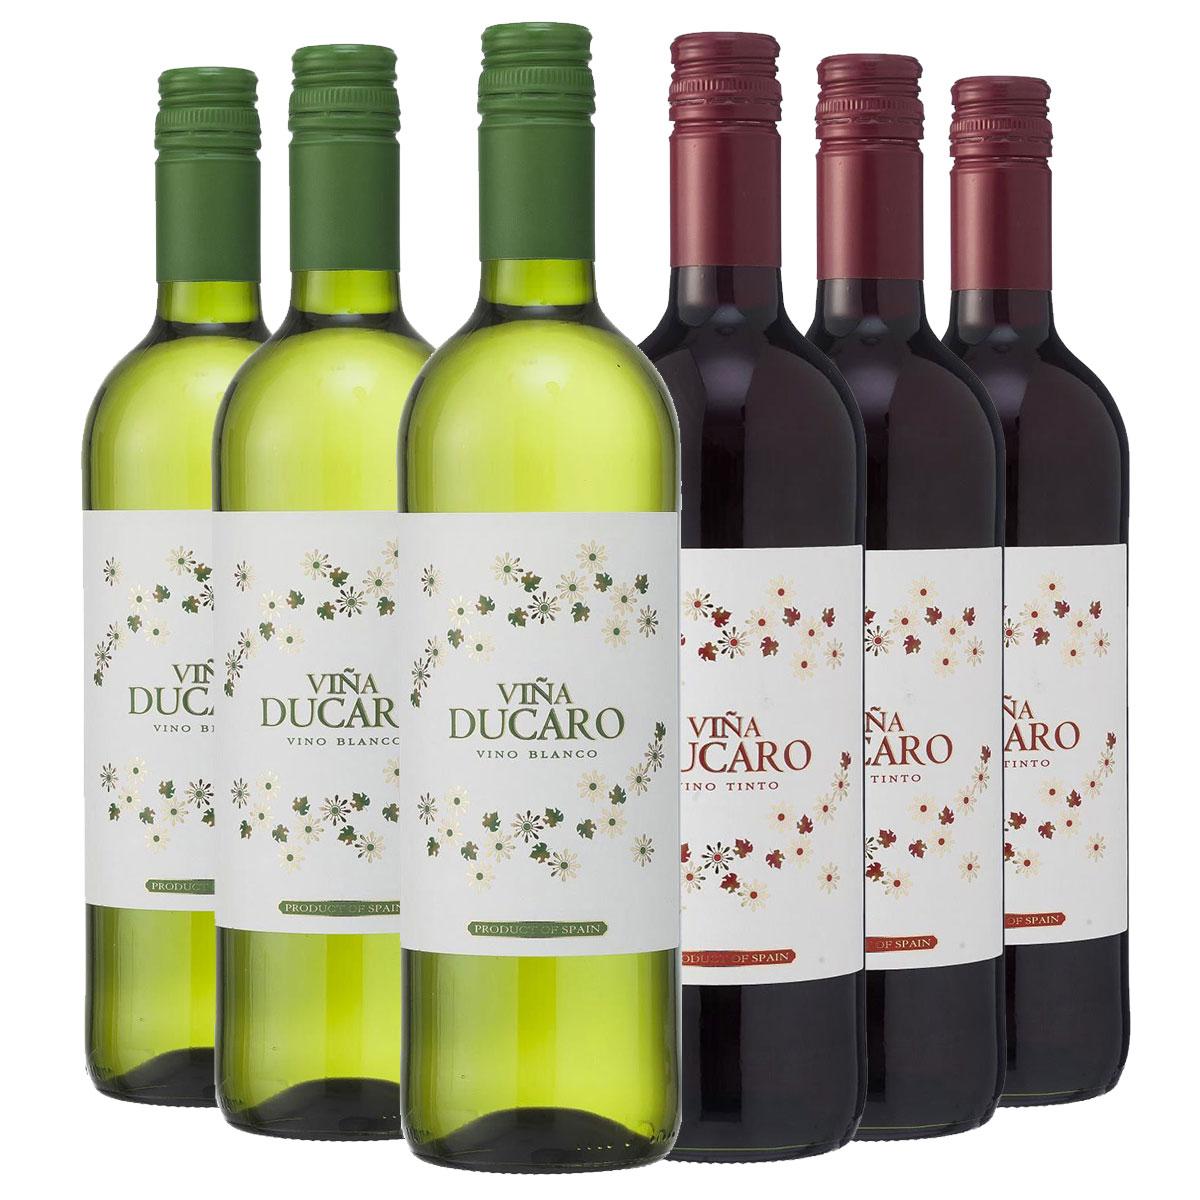 Viña Ducaro Vino Blanco